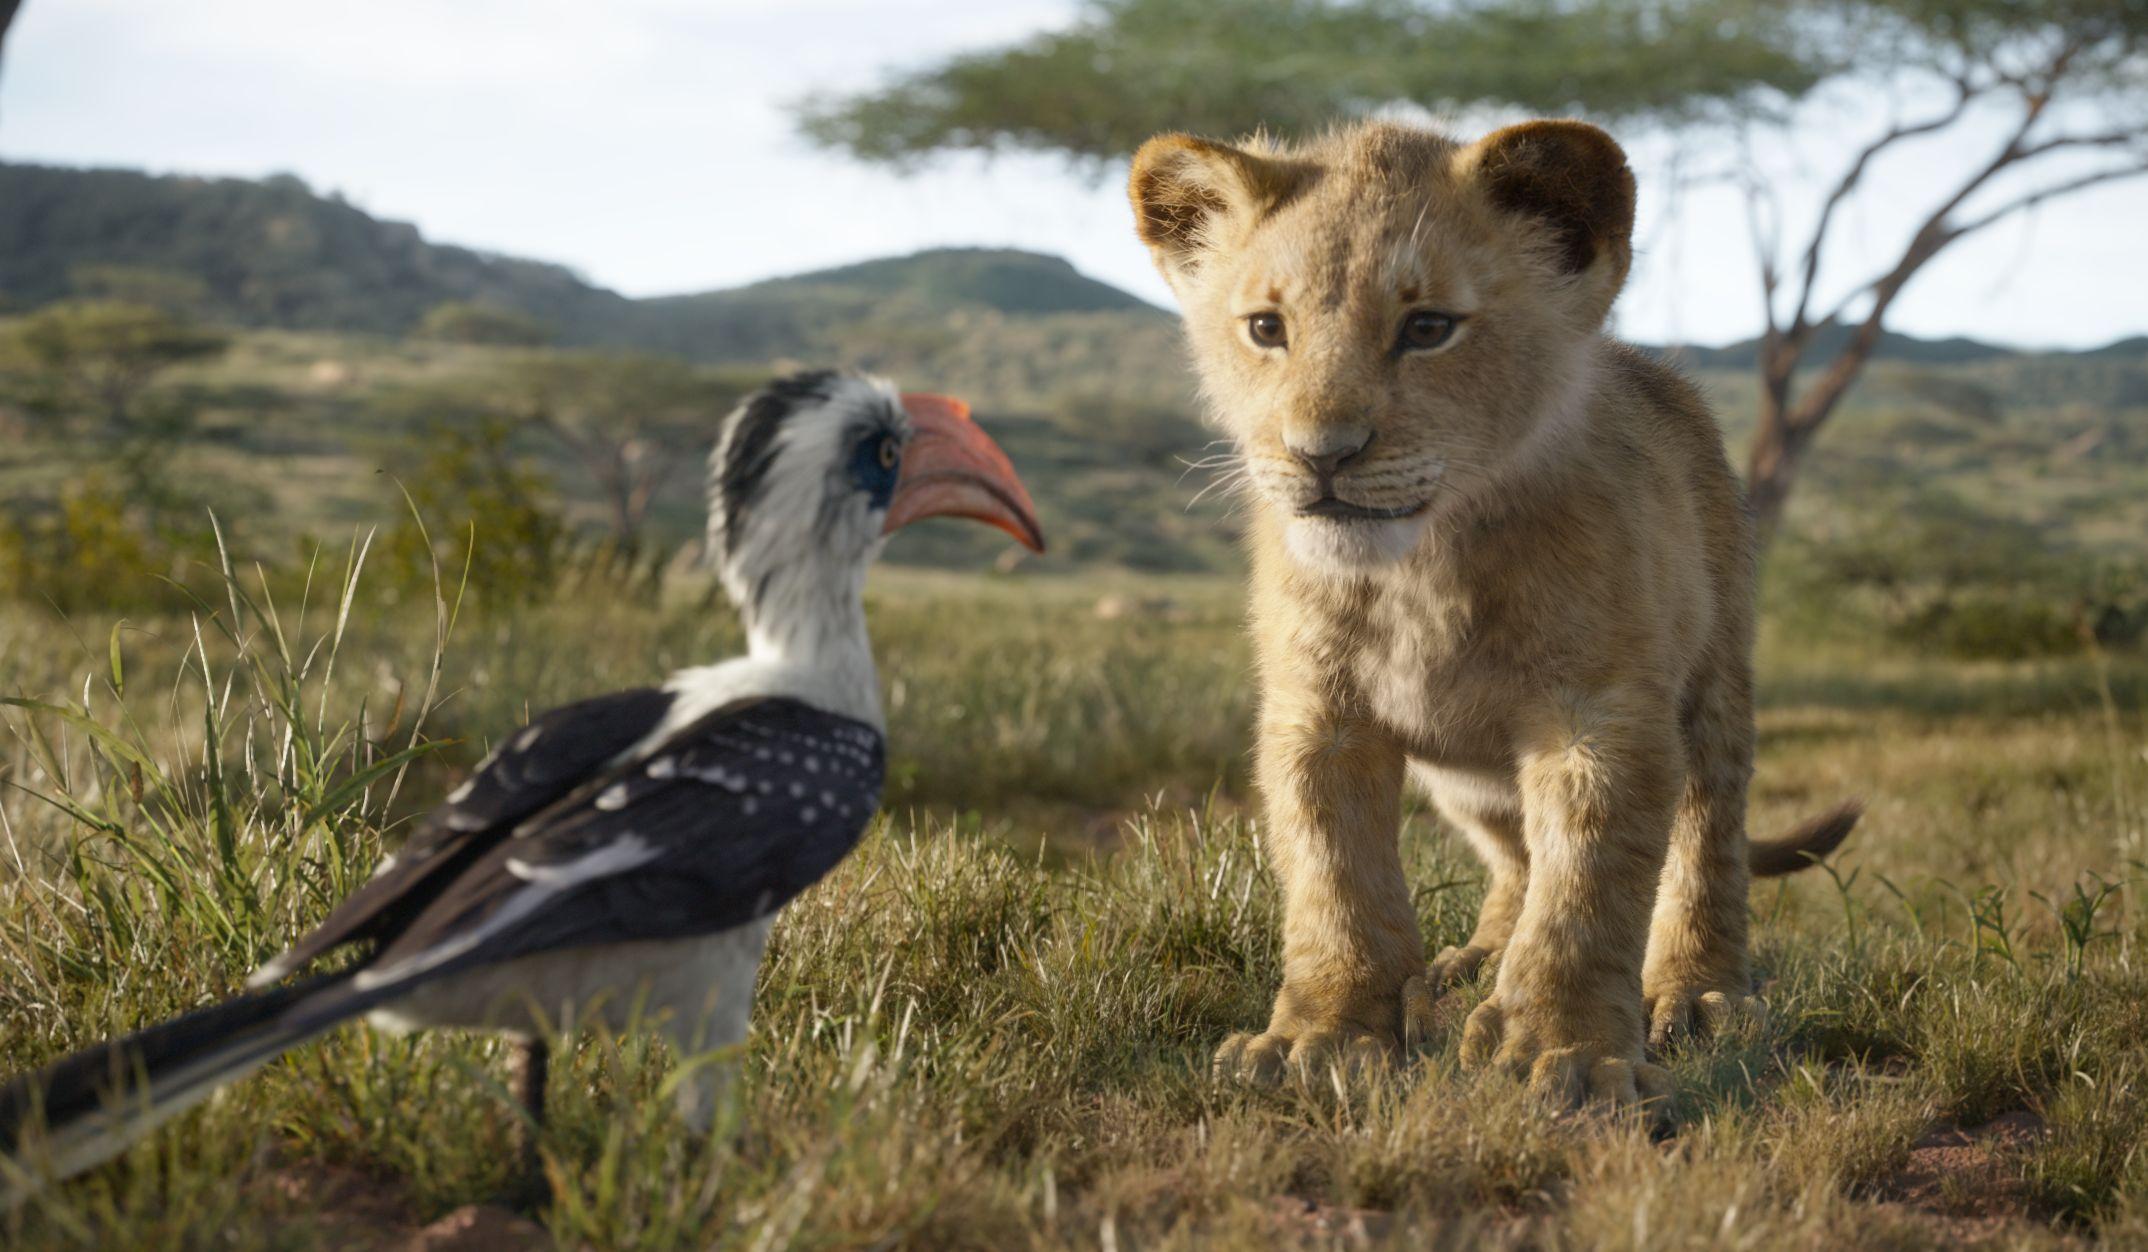 Scenes of Simba